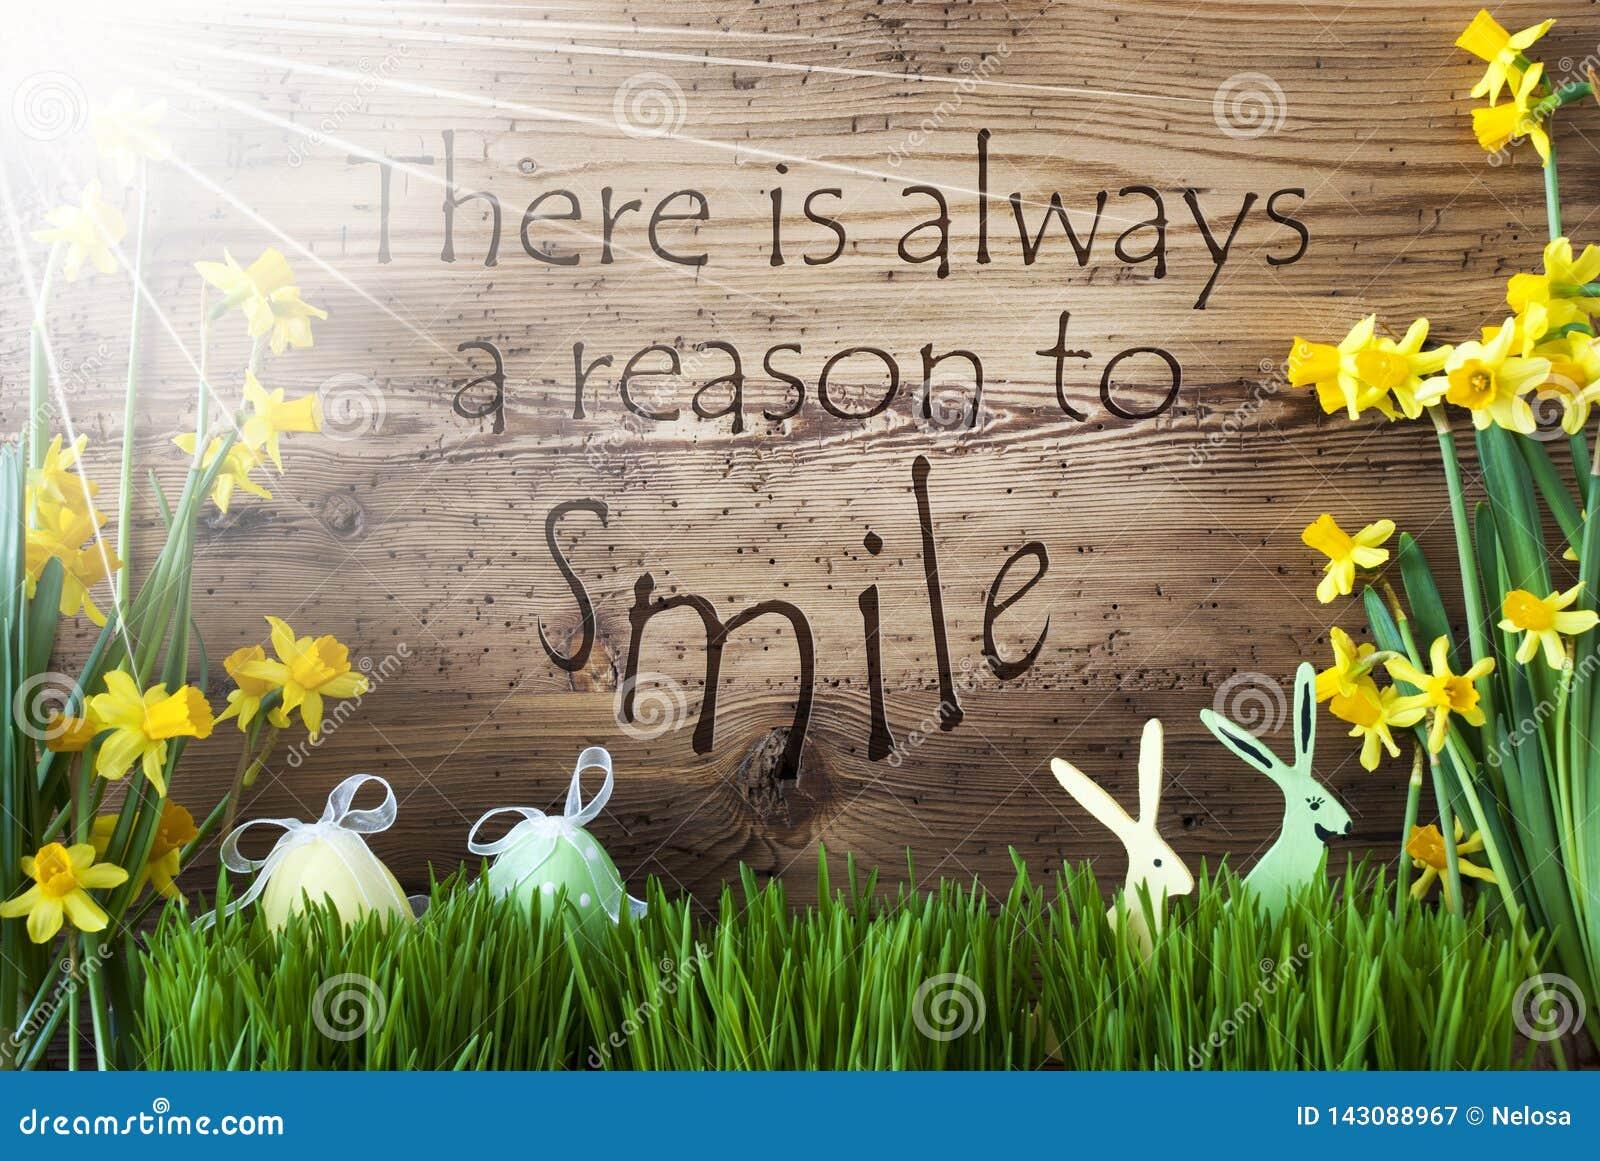 Sunny Easter Decoration gräs, citationstecken resonerar alltid för att le